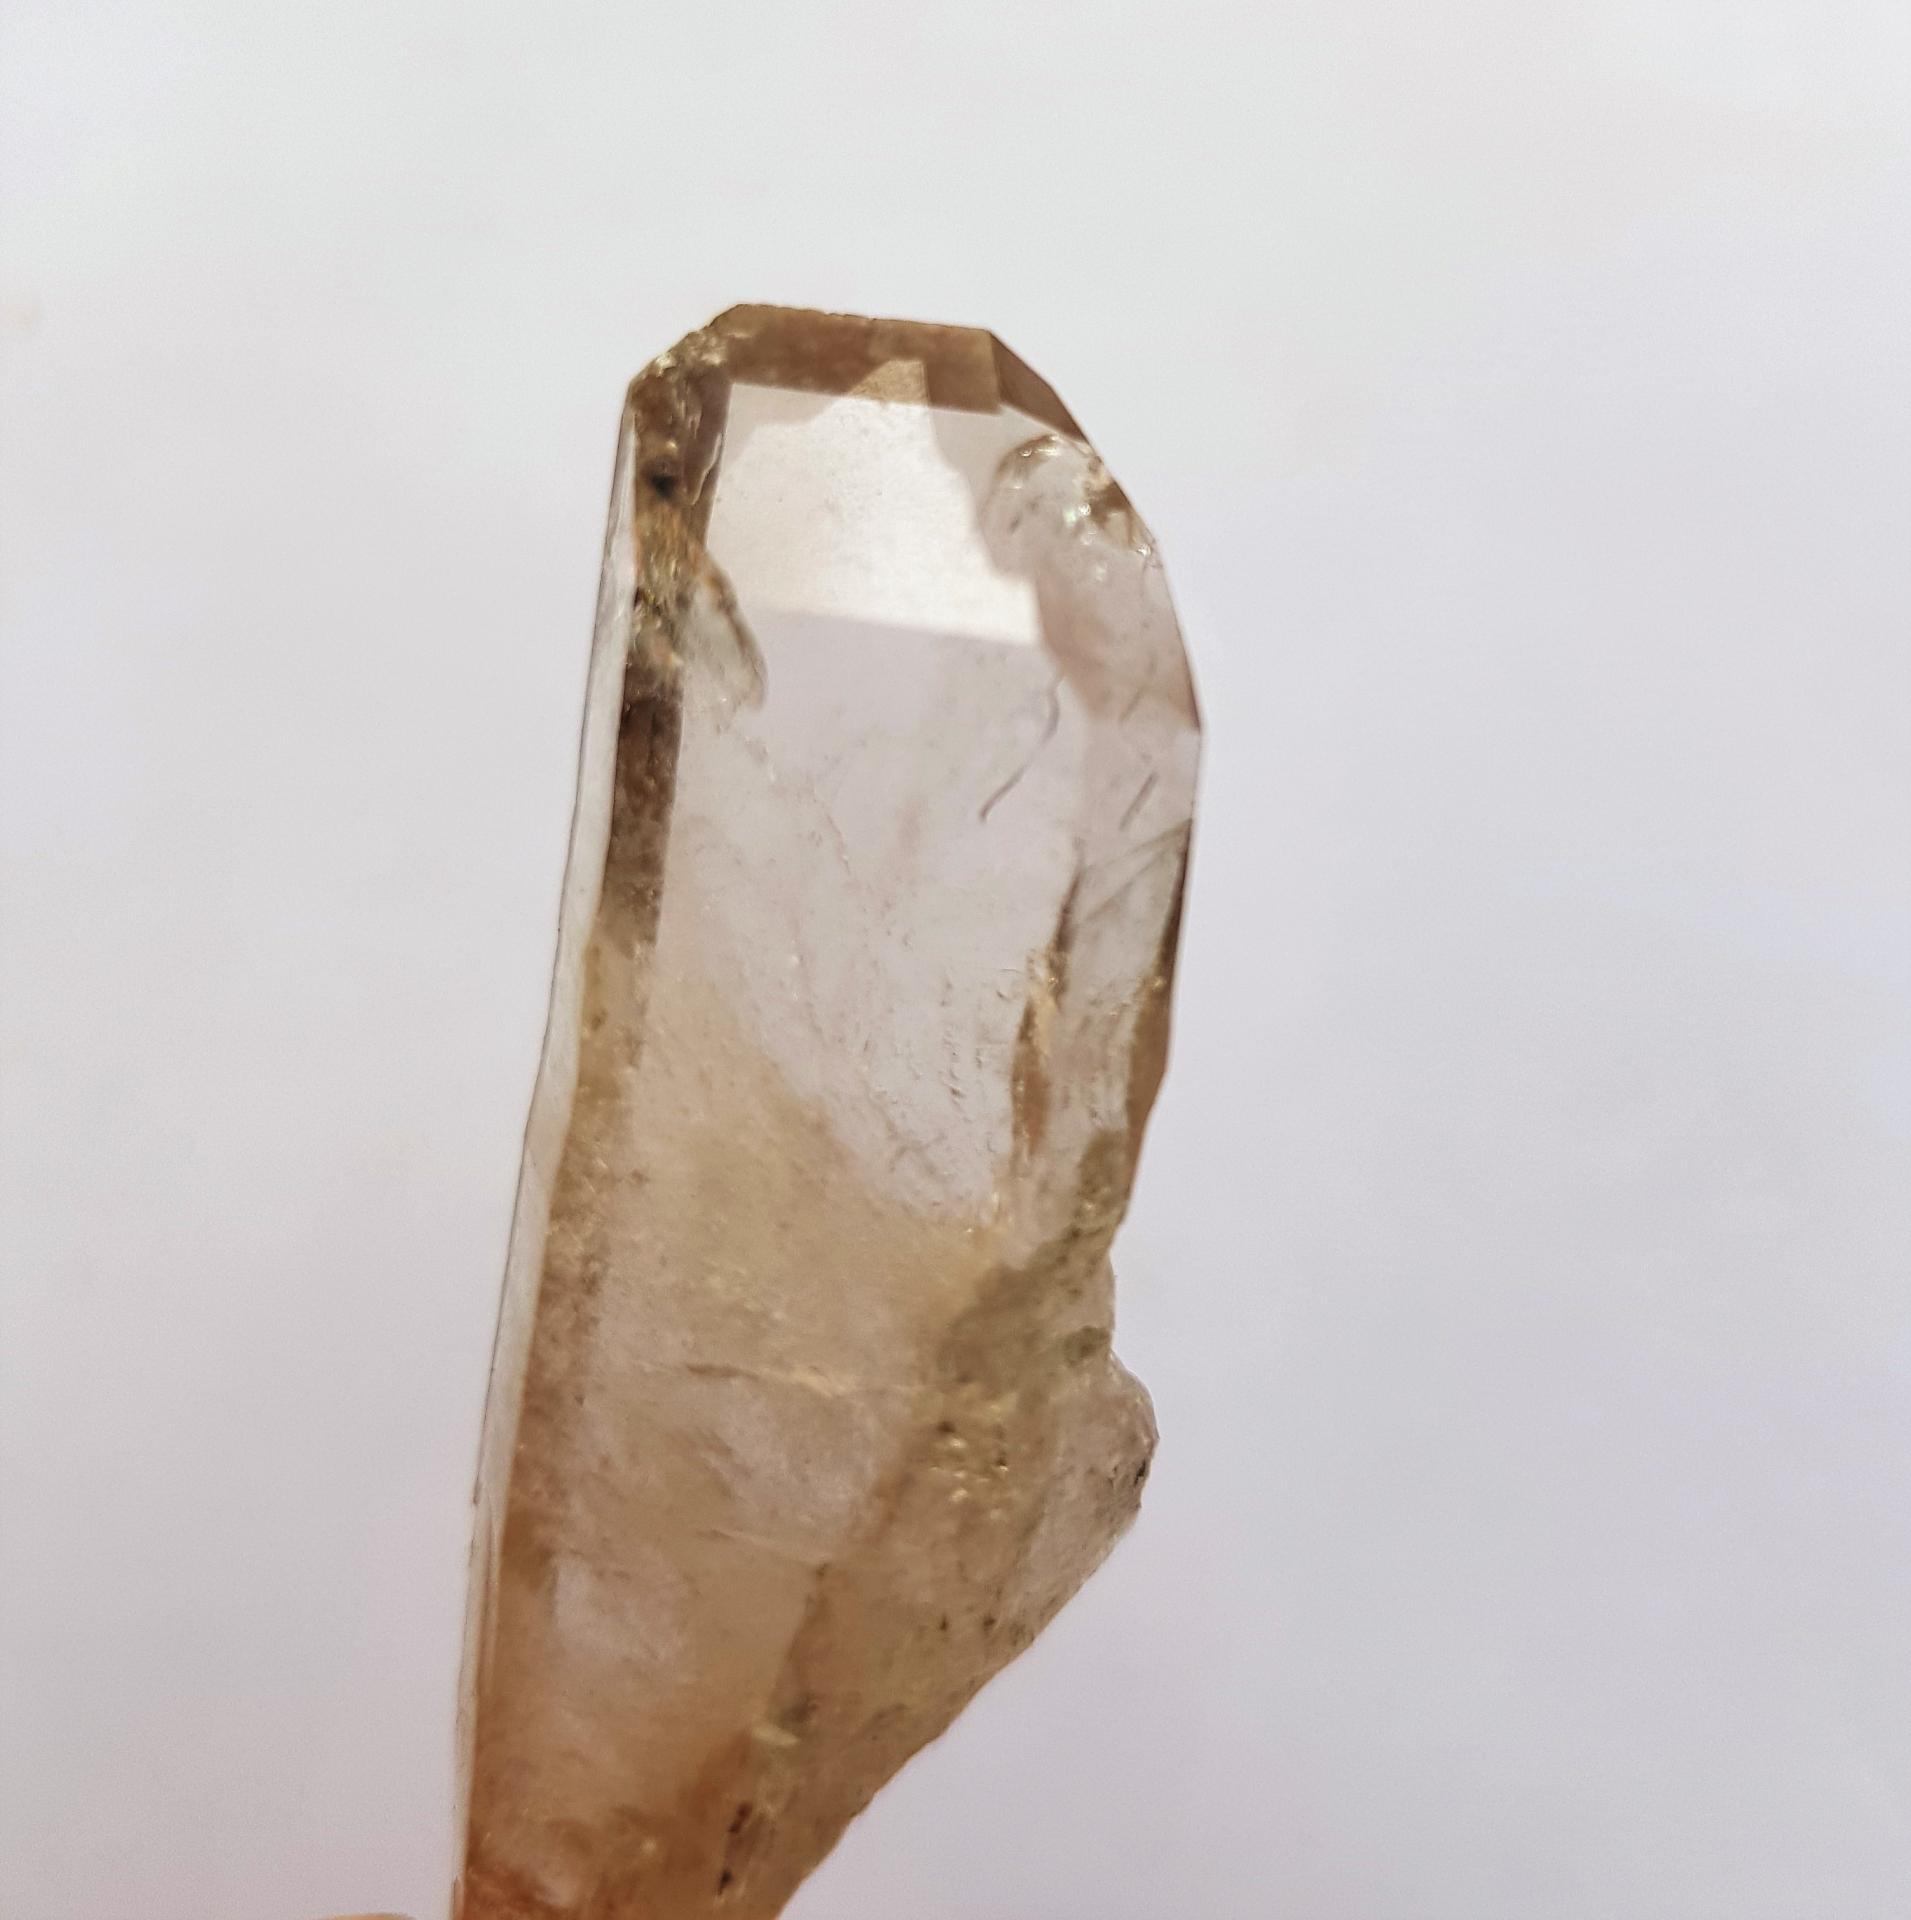 Cristal de roche vaujanie 59